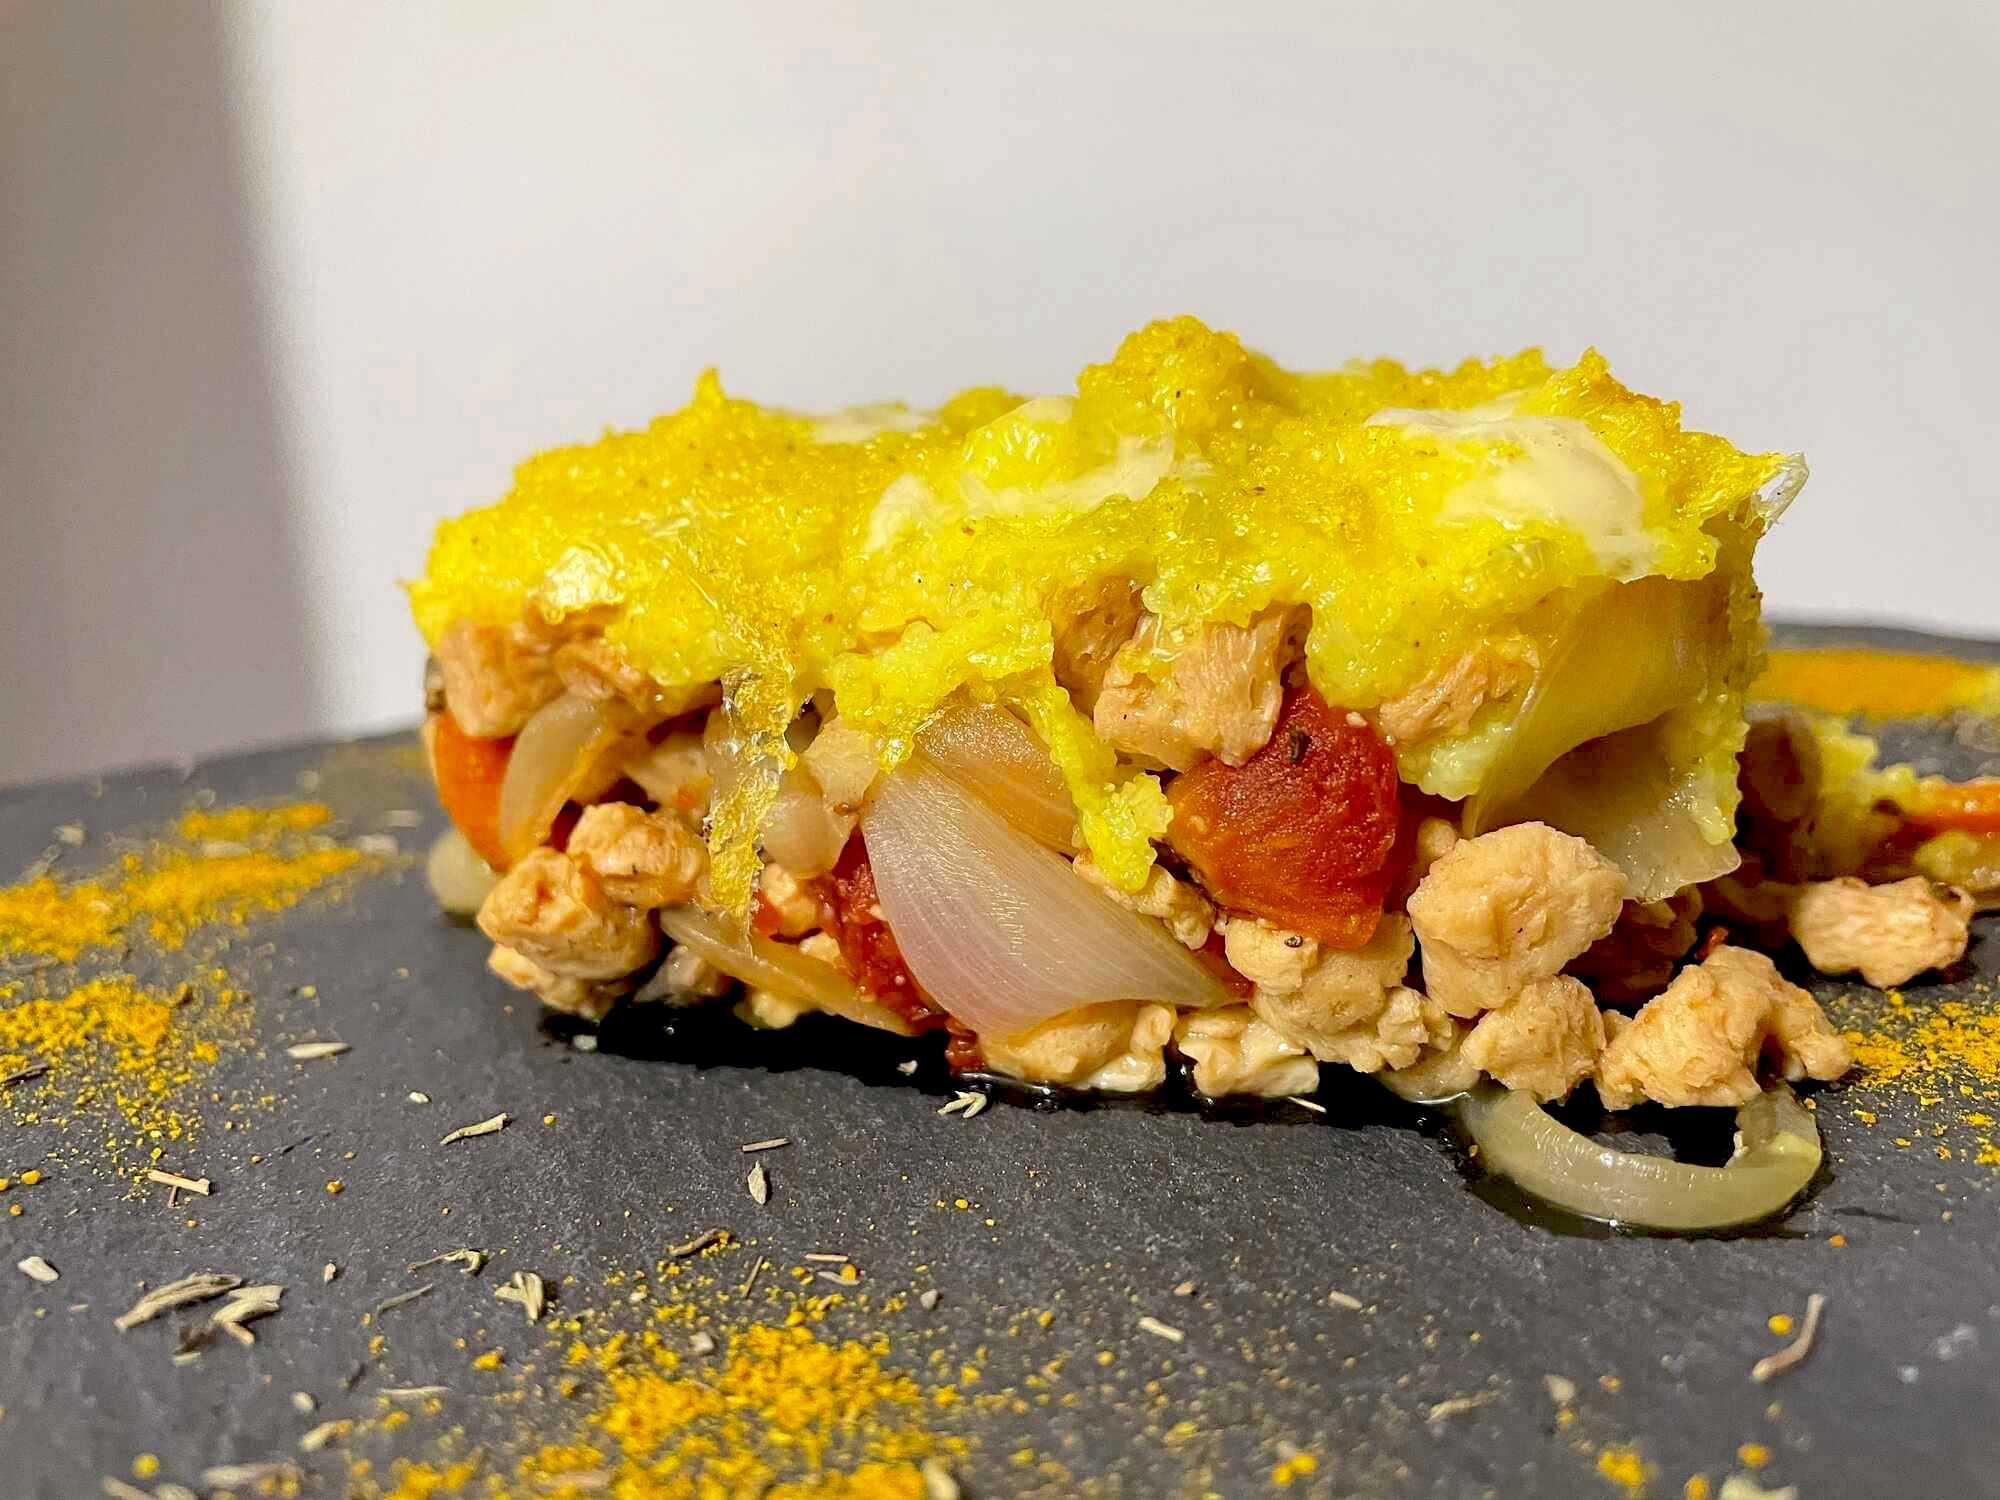 Sur une plaque de cuisson on découvre le Parmentier avec l'ensemble des ingrédients qui le compose.